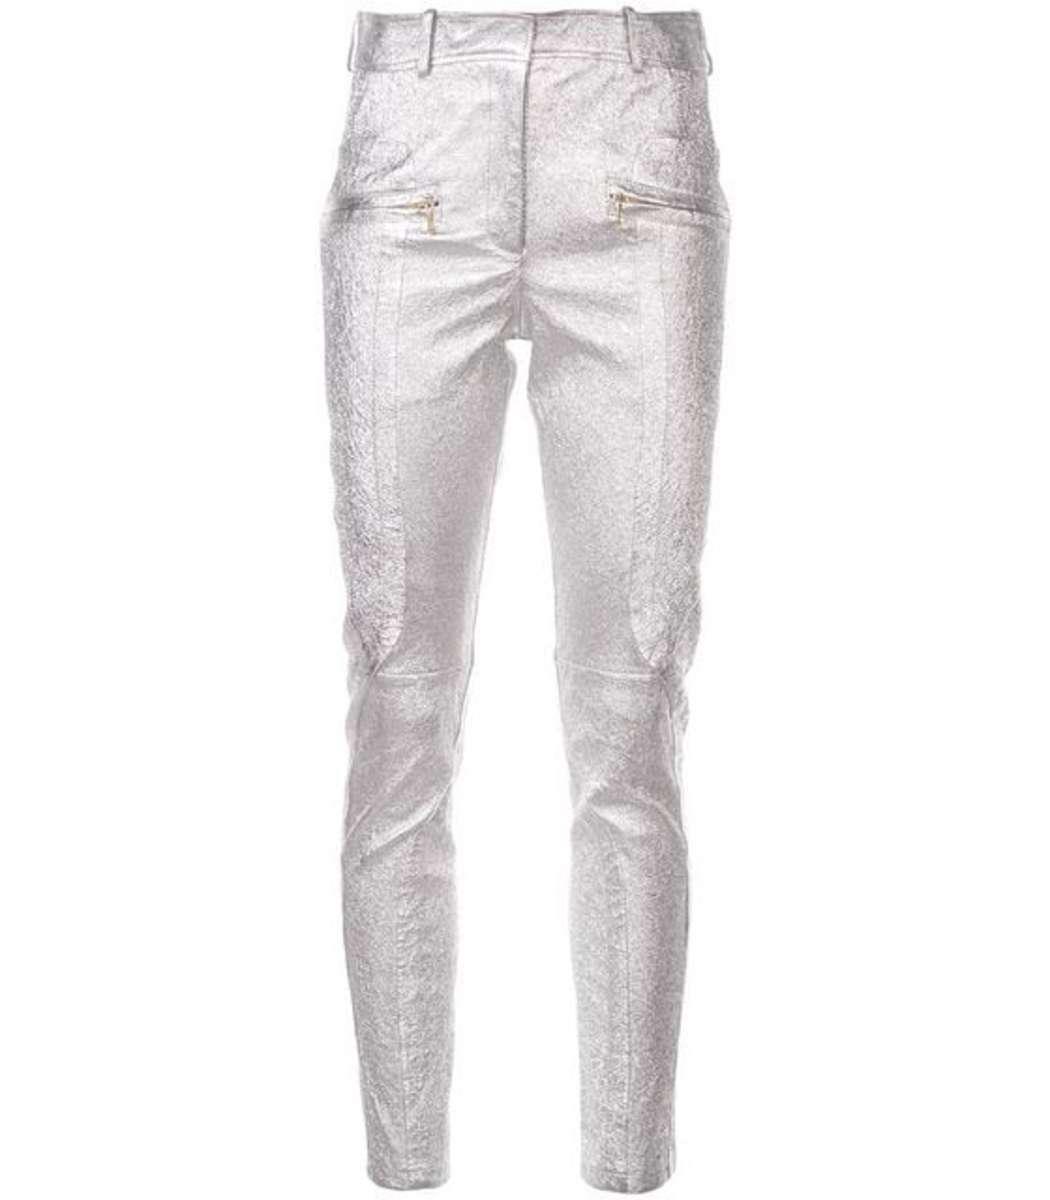 7b7c5905b37 Lyst - Sies Marjan Silver Skinny Trousers in Metallic